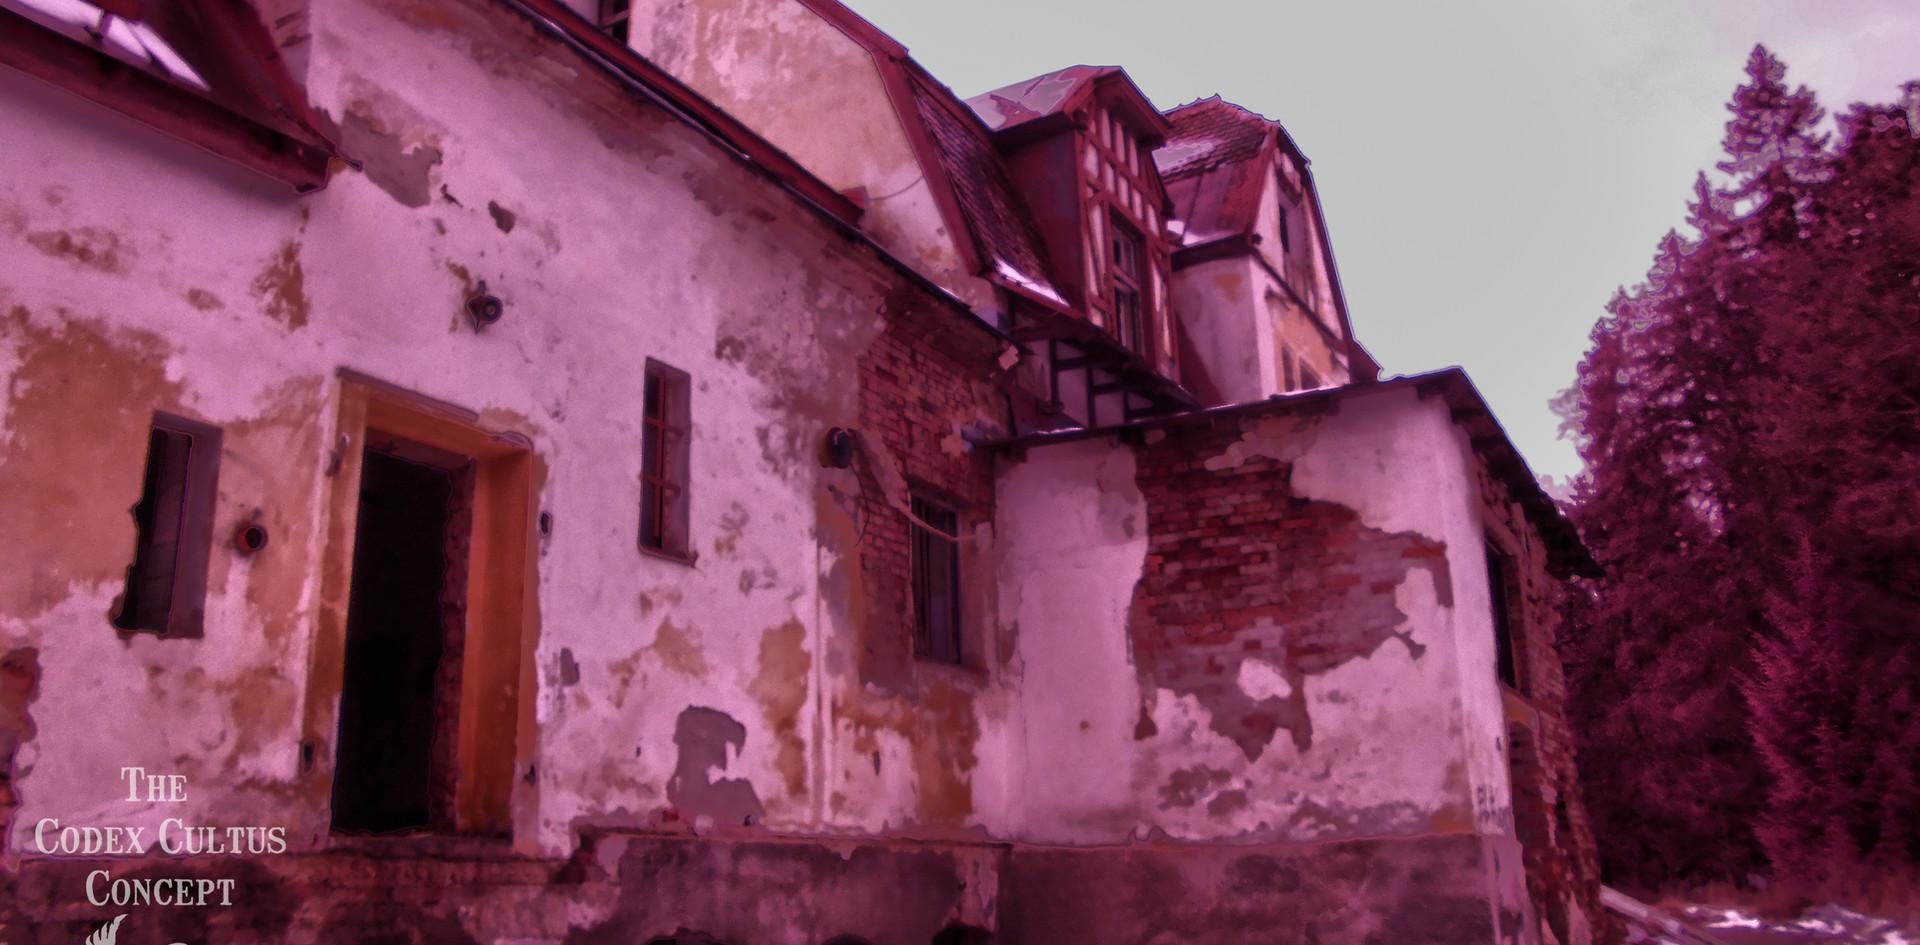 ΠΑΝΔΟΧΕΙΟ NIMROD - ΤΣΕΧΙΑ, Marianske Lazne